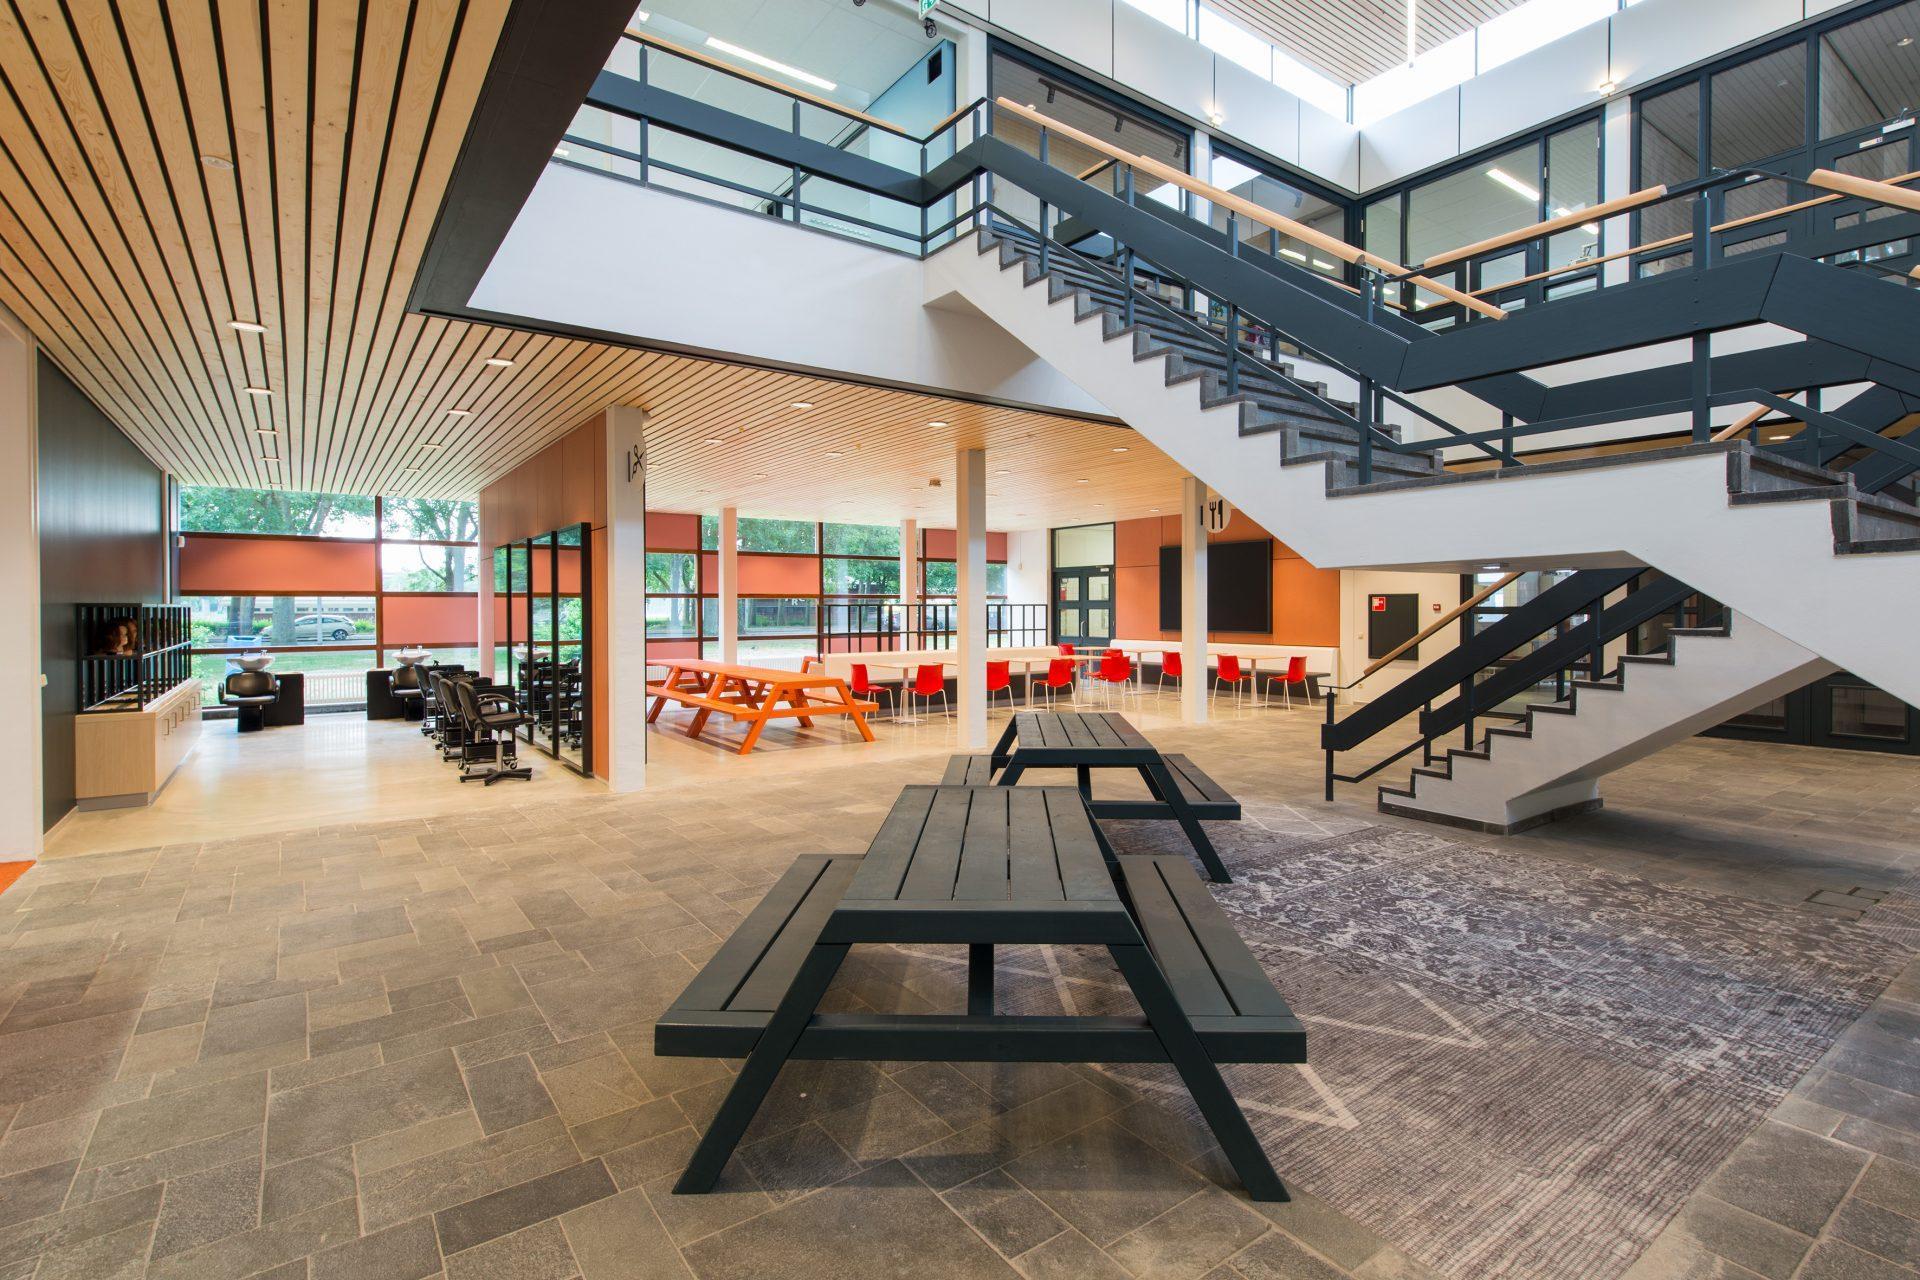 Leerpleinen Zuid-West College, Den Haag - 11